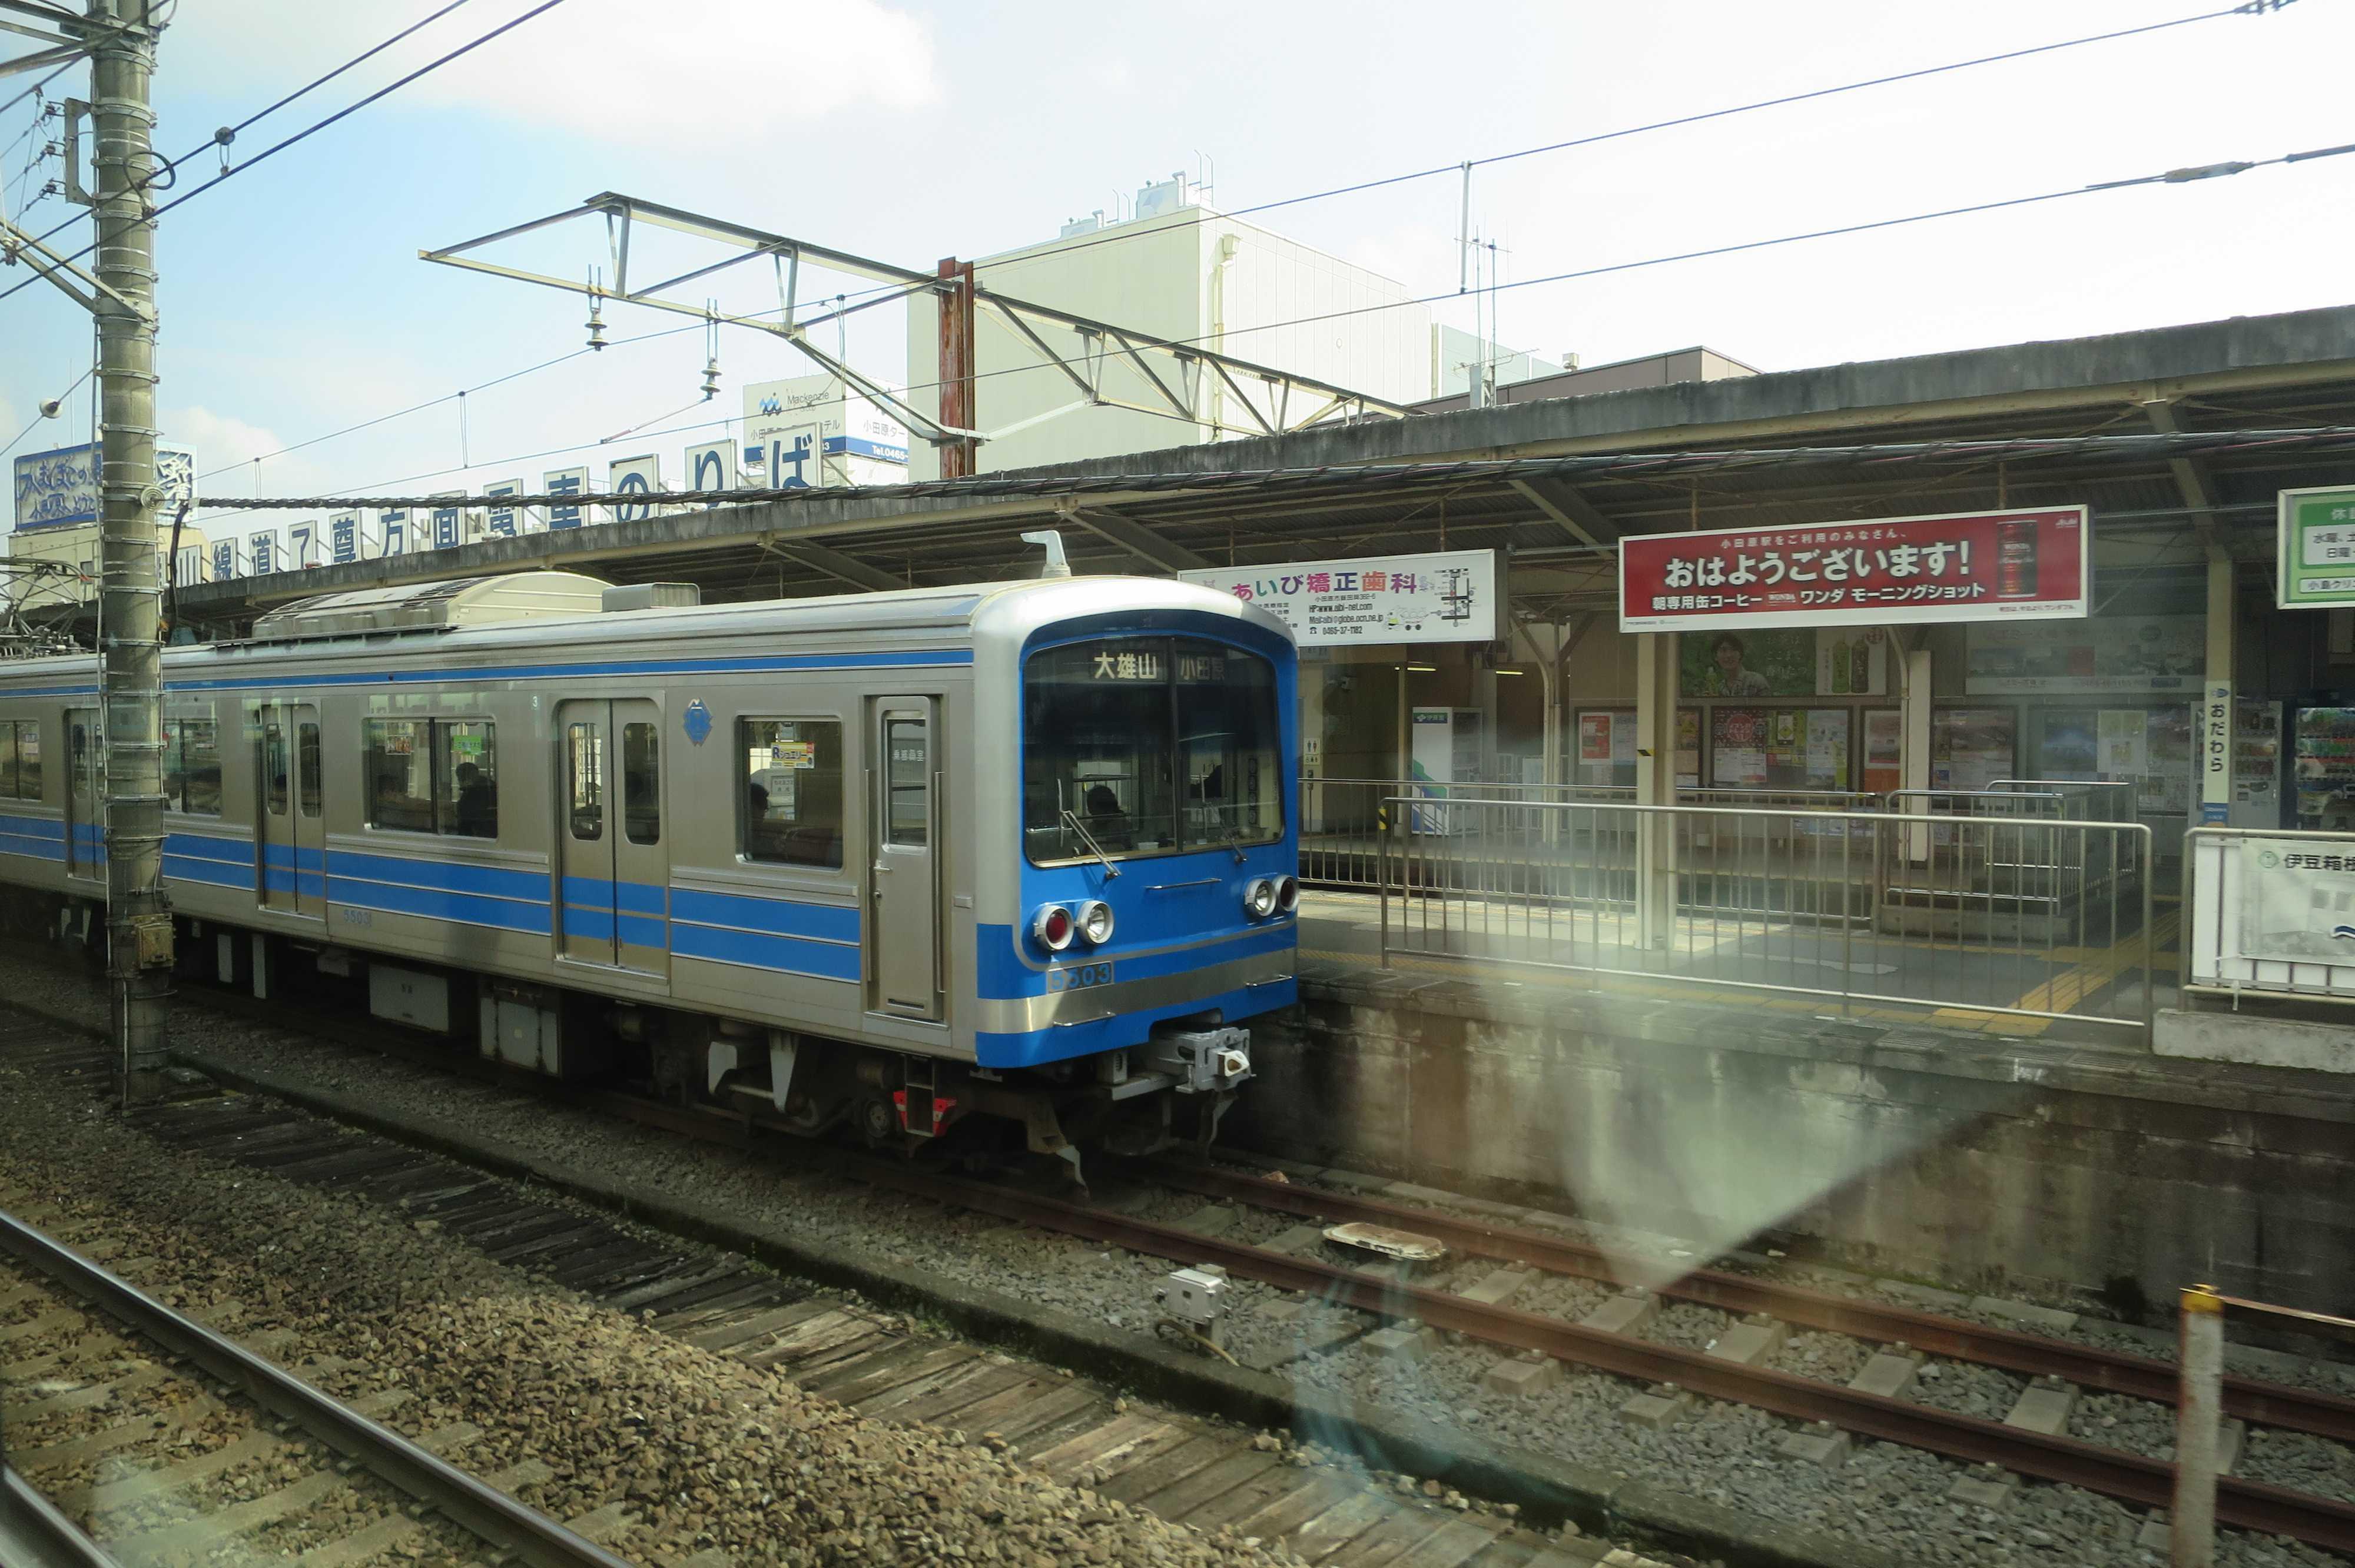 小田原駅に停まっていた伊豆箱根鉄道(大雄山線)の電車